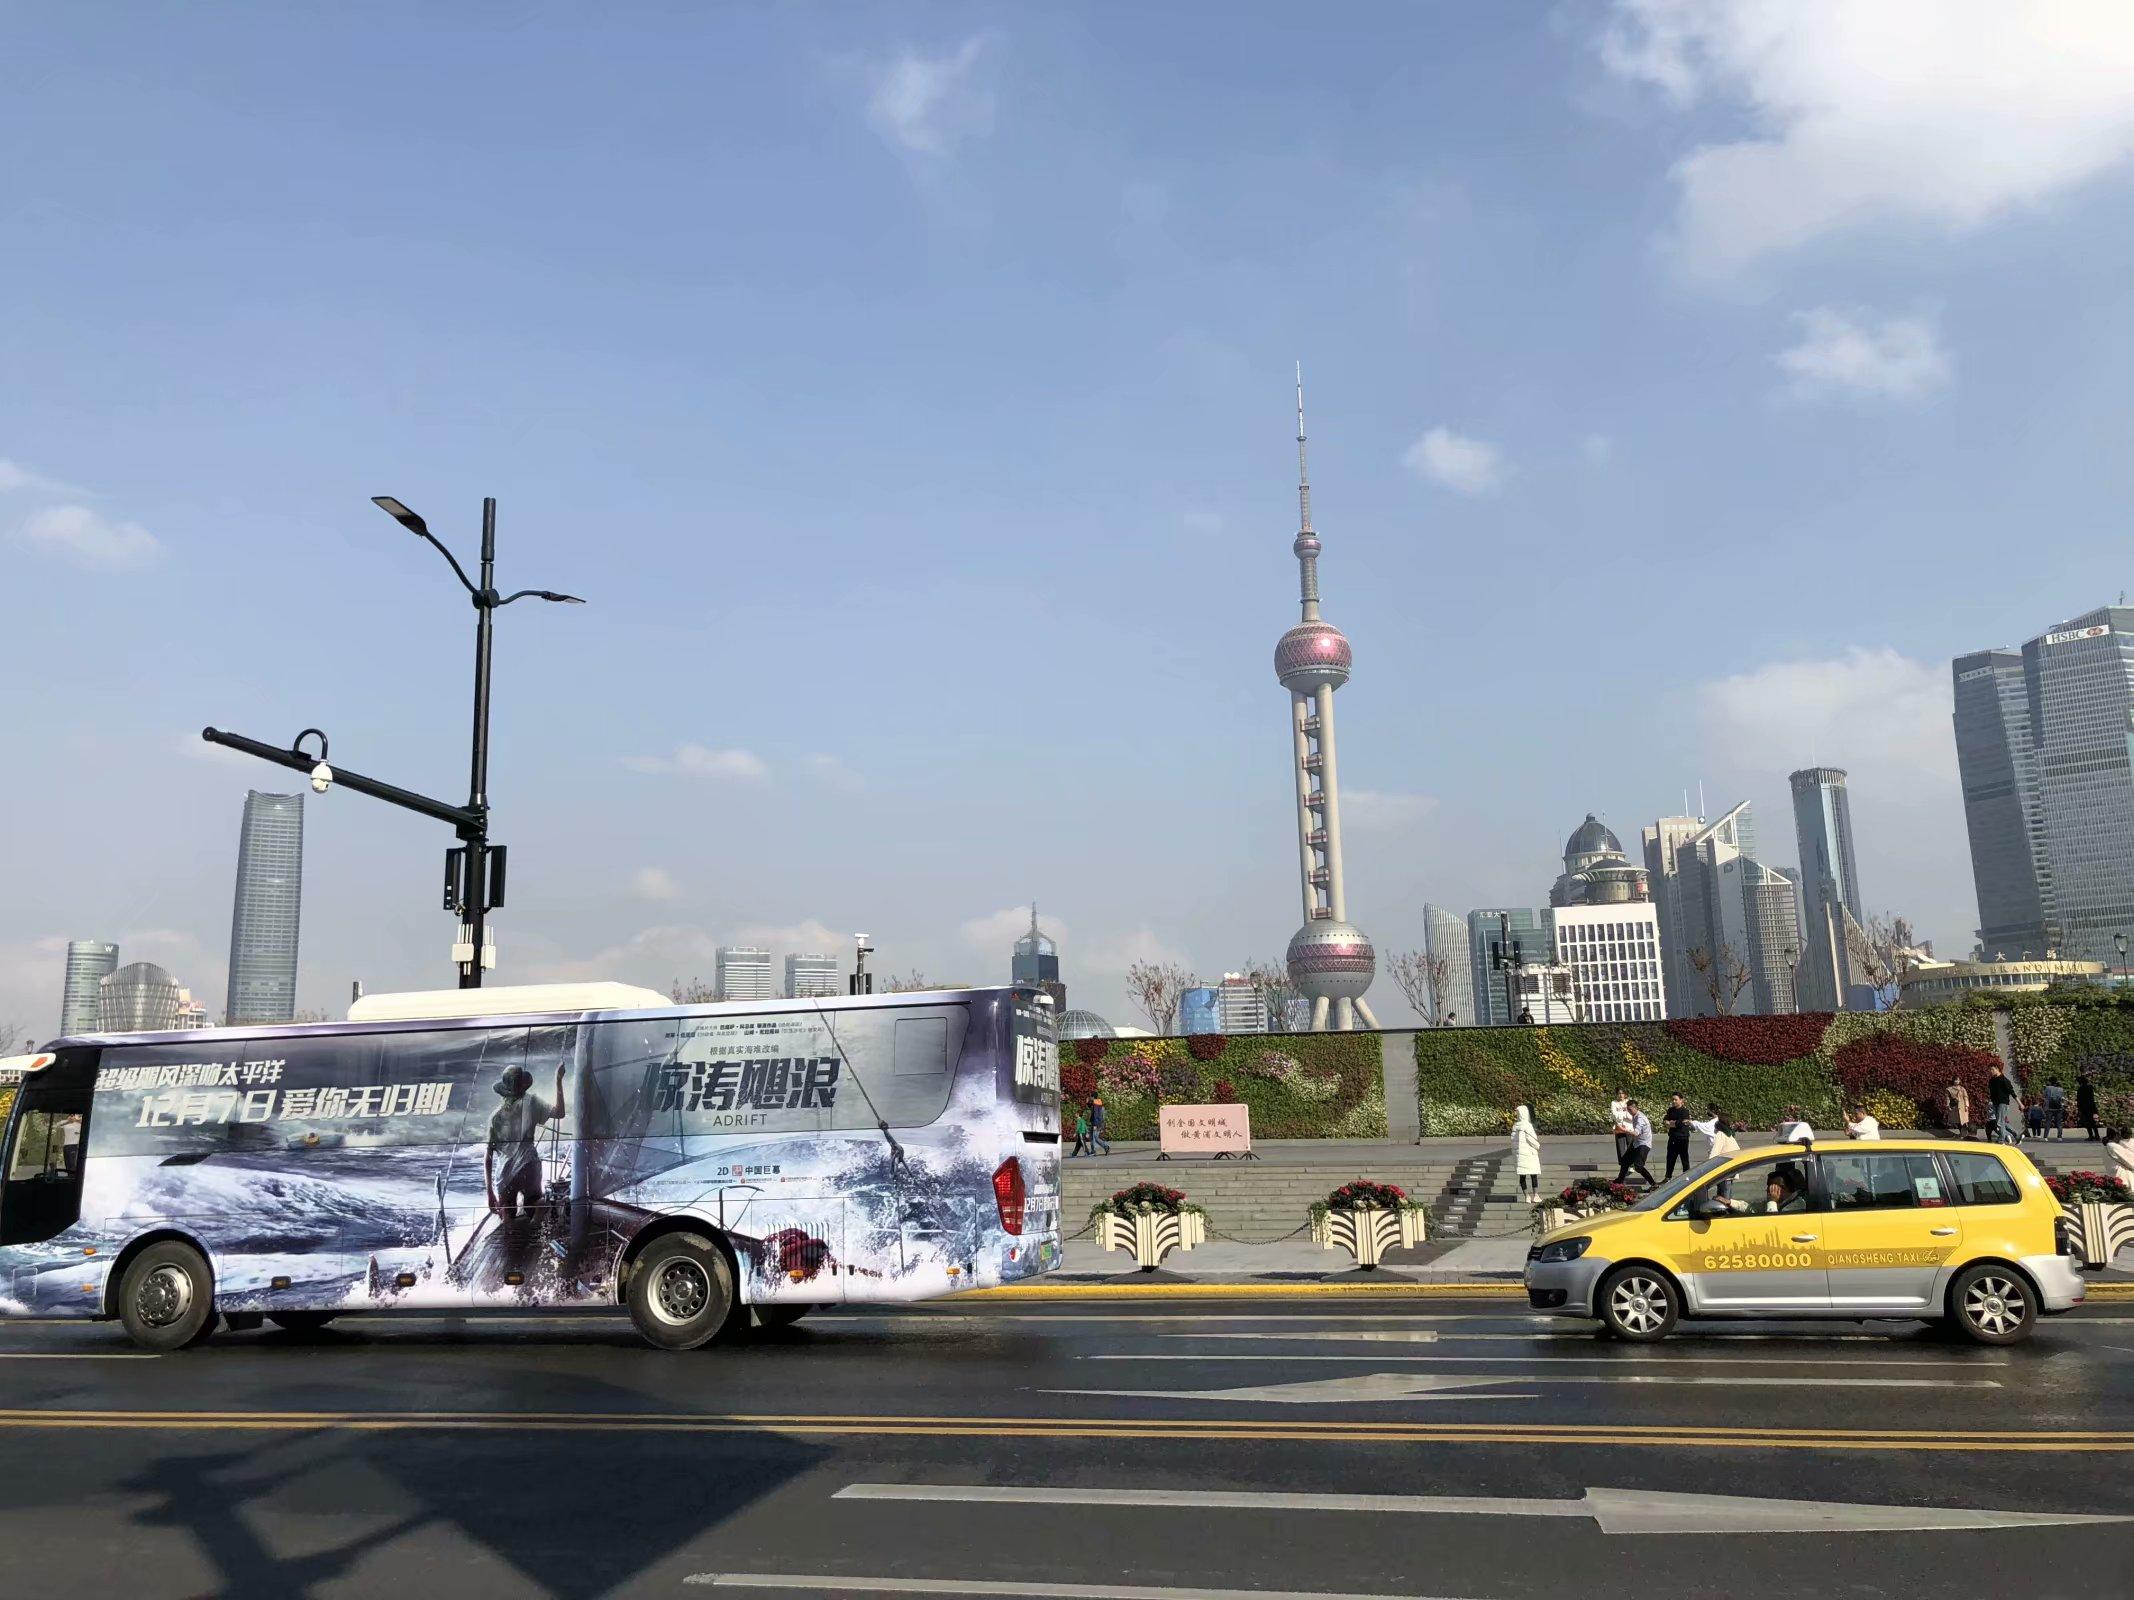 上海租大巴车,车身广告,广告车,上海租车公司